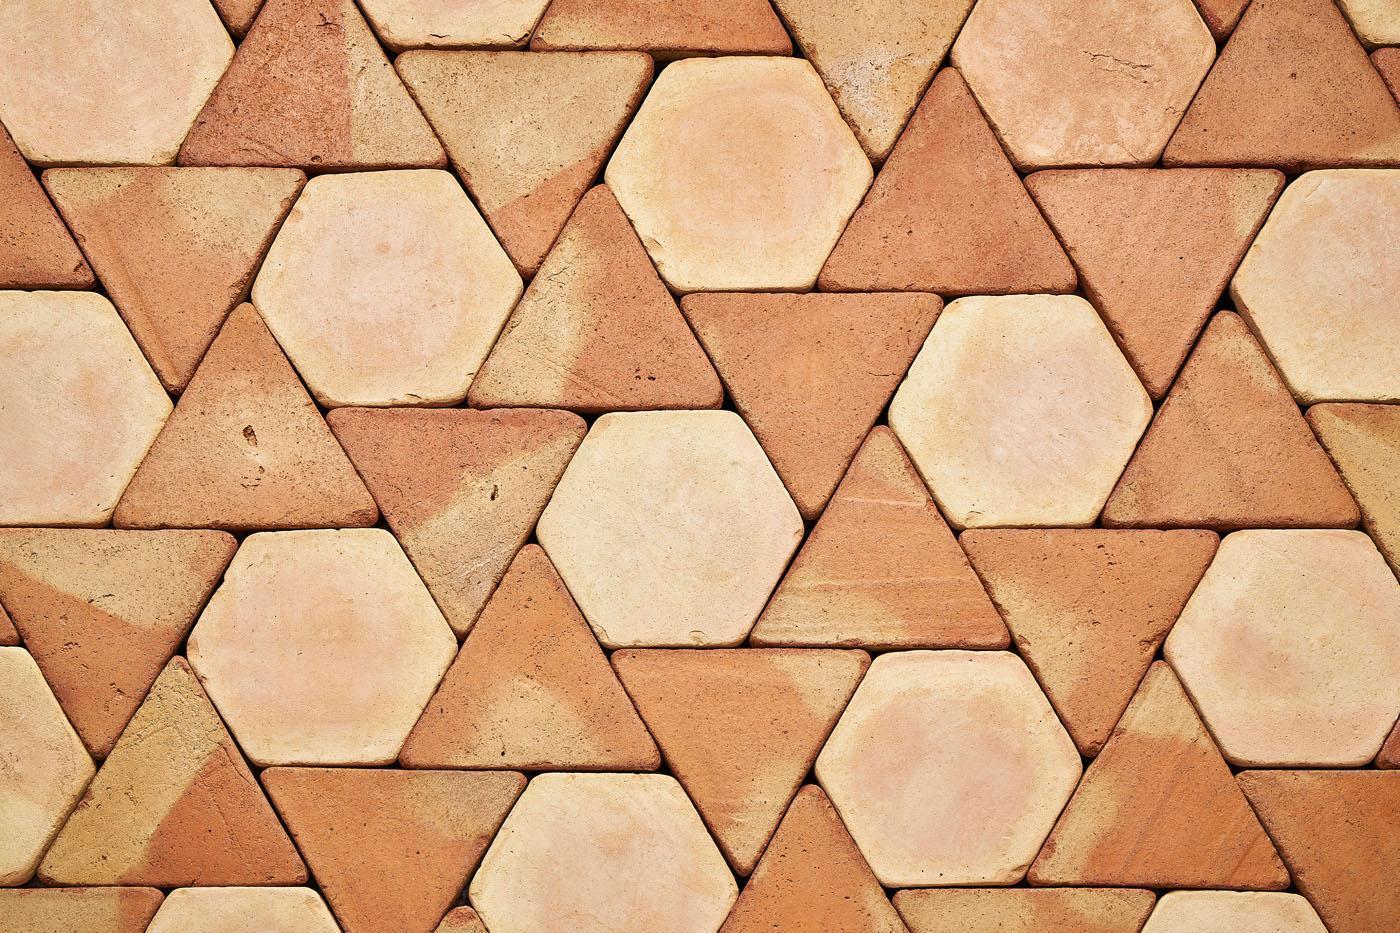 Triángulos y hexágonos. Baldosas de barro cocido.